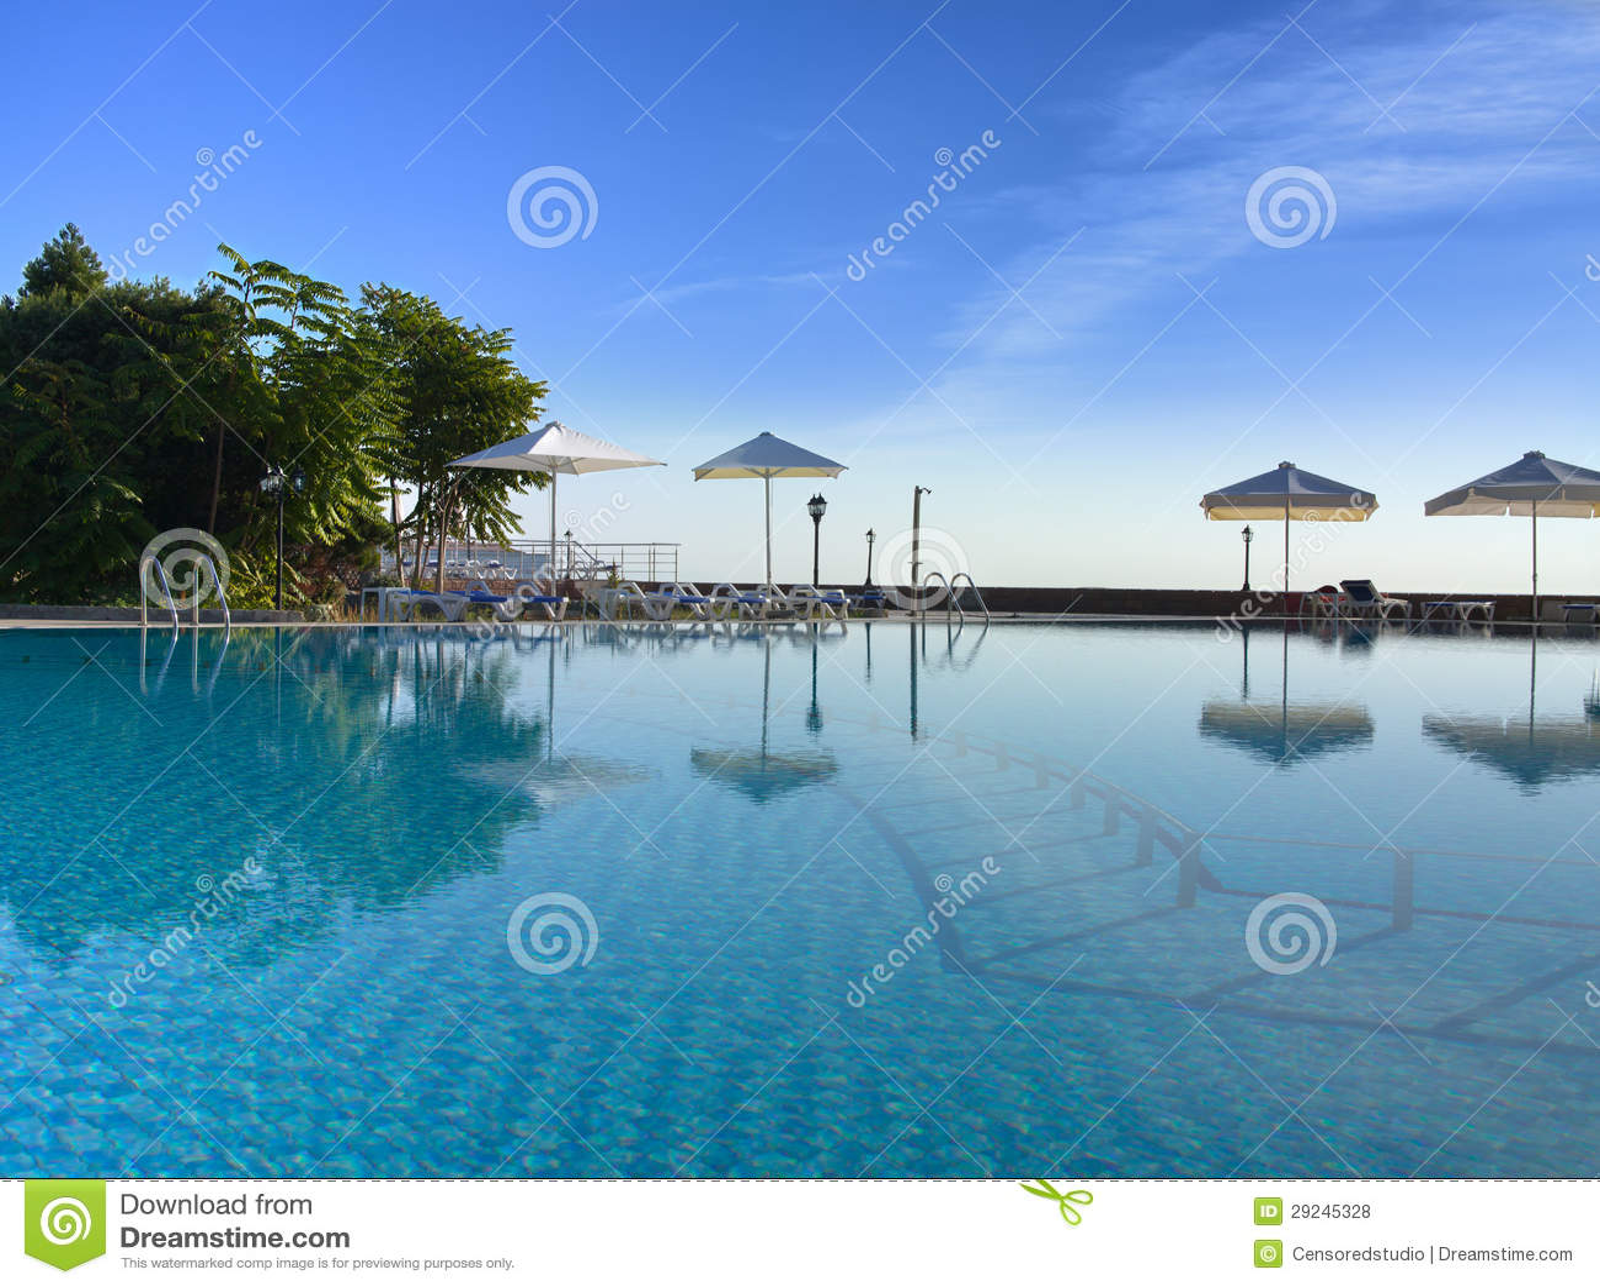 Download Piscina foto de stock. Imagem de destinos, palma, lazer - 29245328